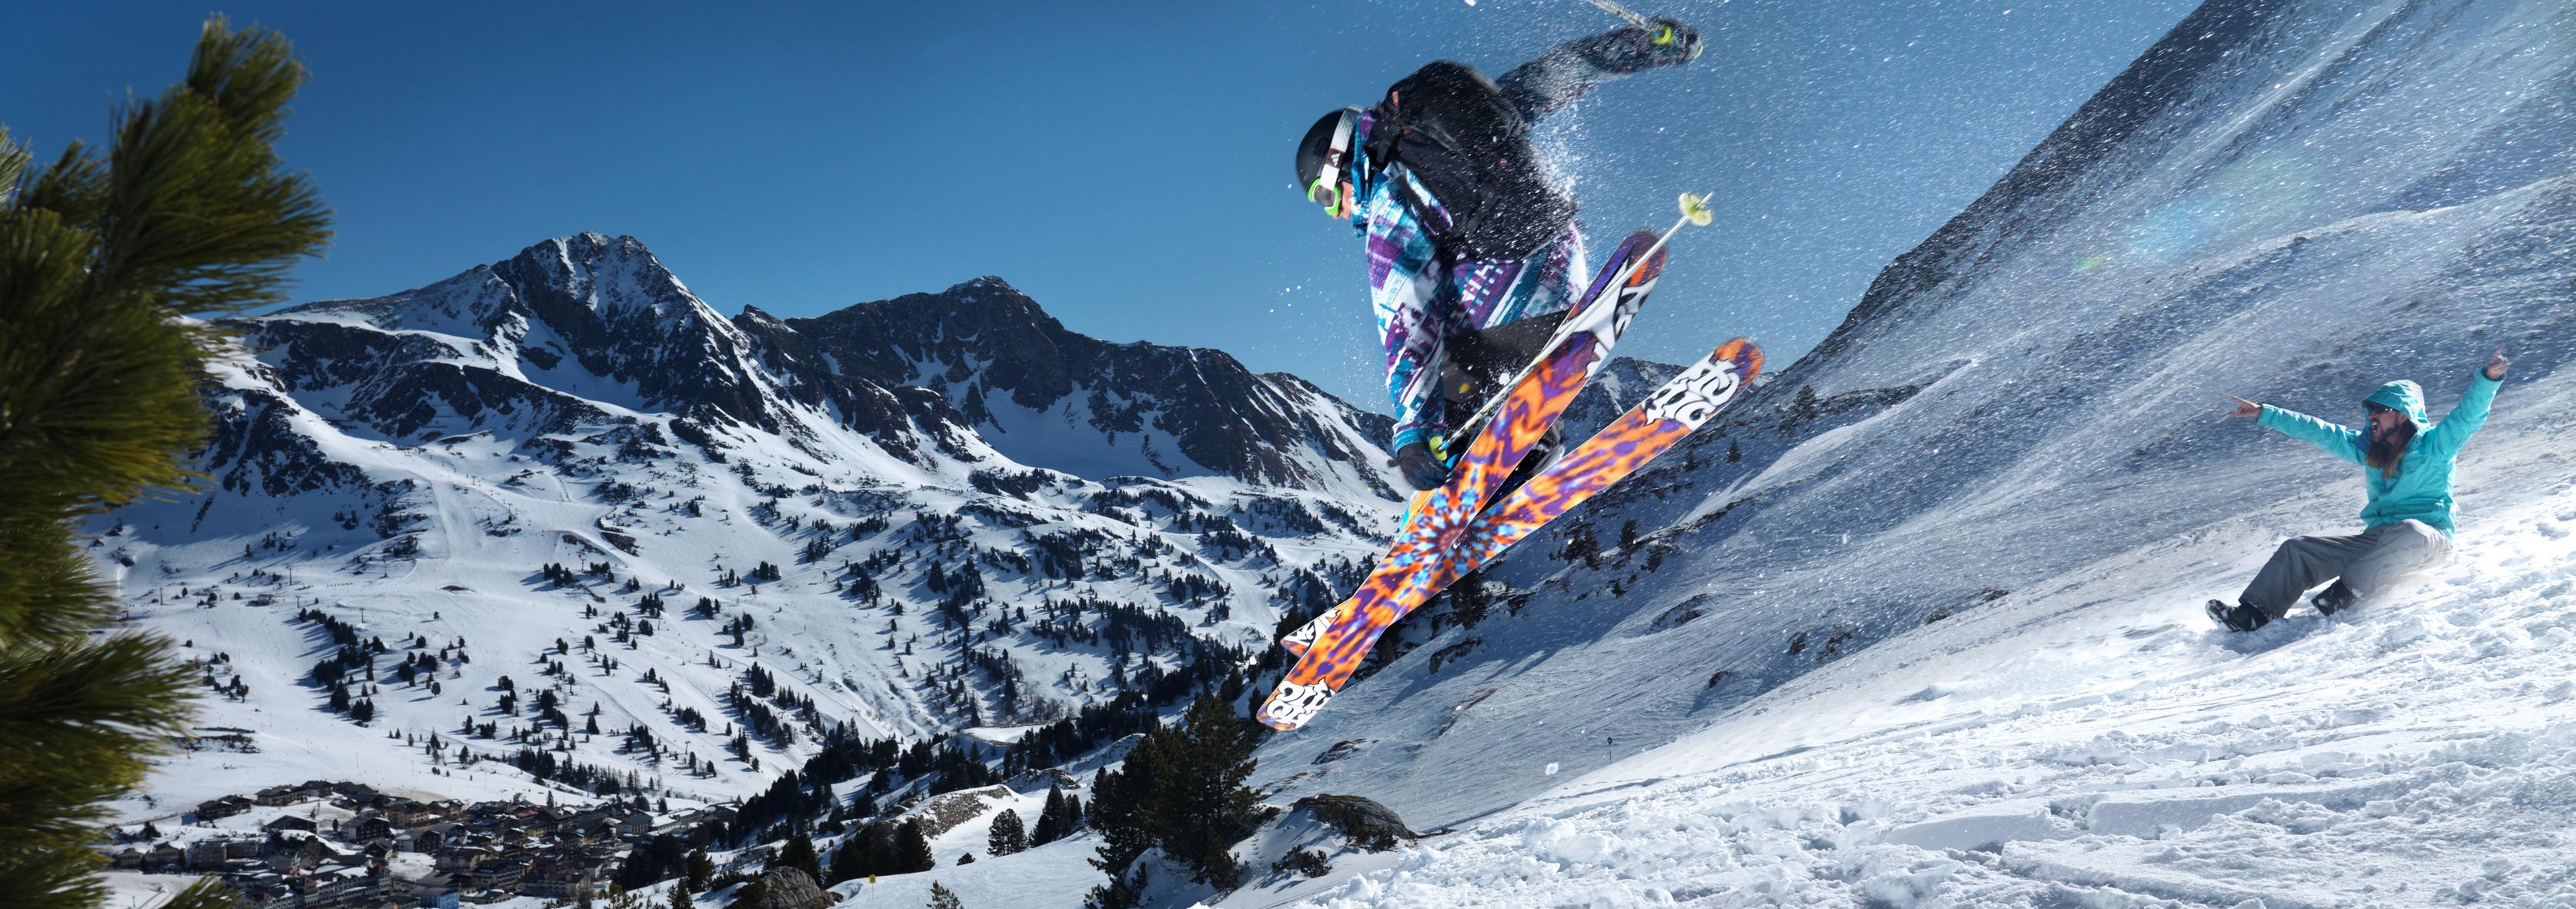 Winterzeit in Obertauern: Die Bretter, welche die Winterwelt bedeuten. Je nach sportlichen Vorlieben und Ansprüchen gibt es Modelle für alle Schräglagen.